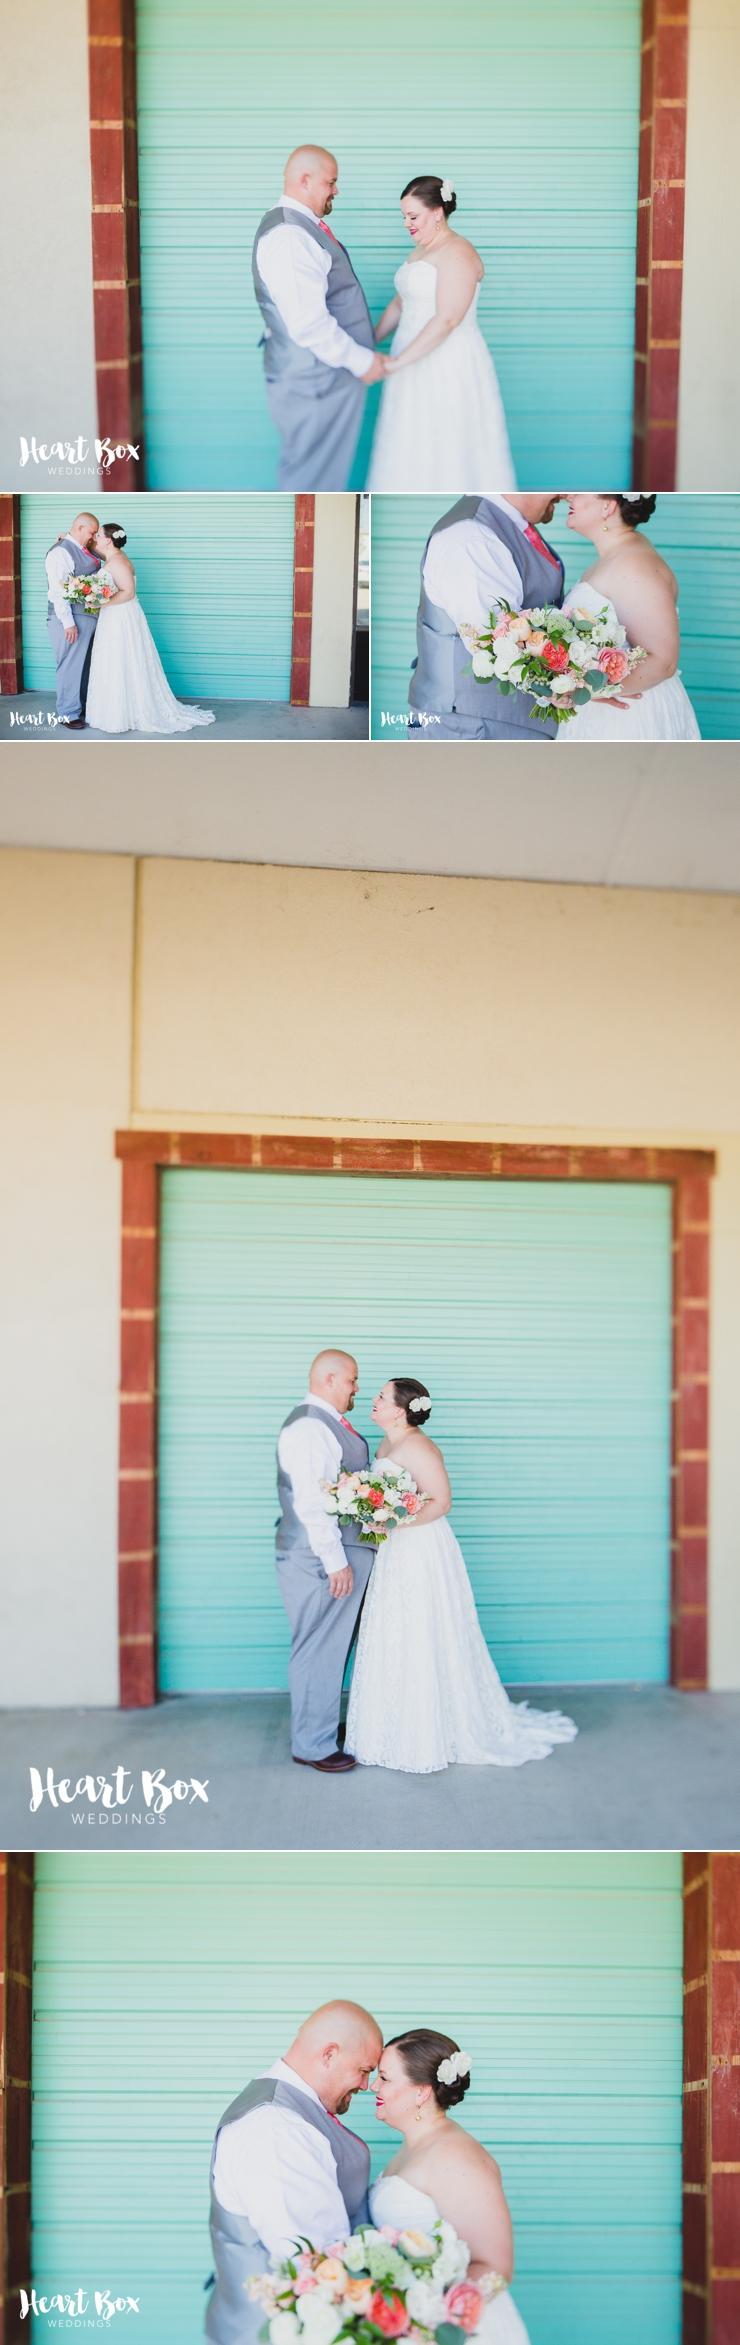 Turner Wedding Blog Collages 5.jpg